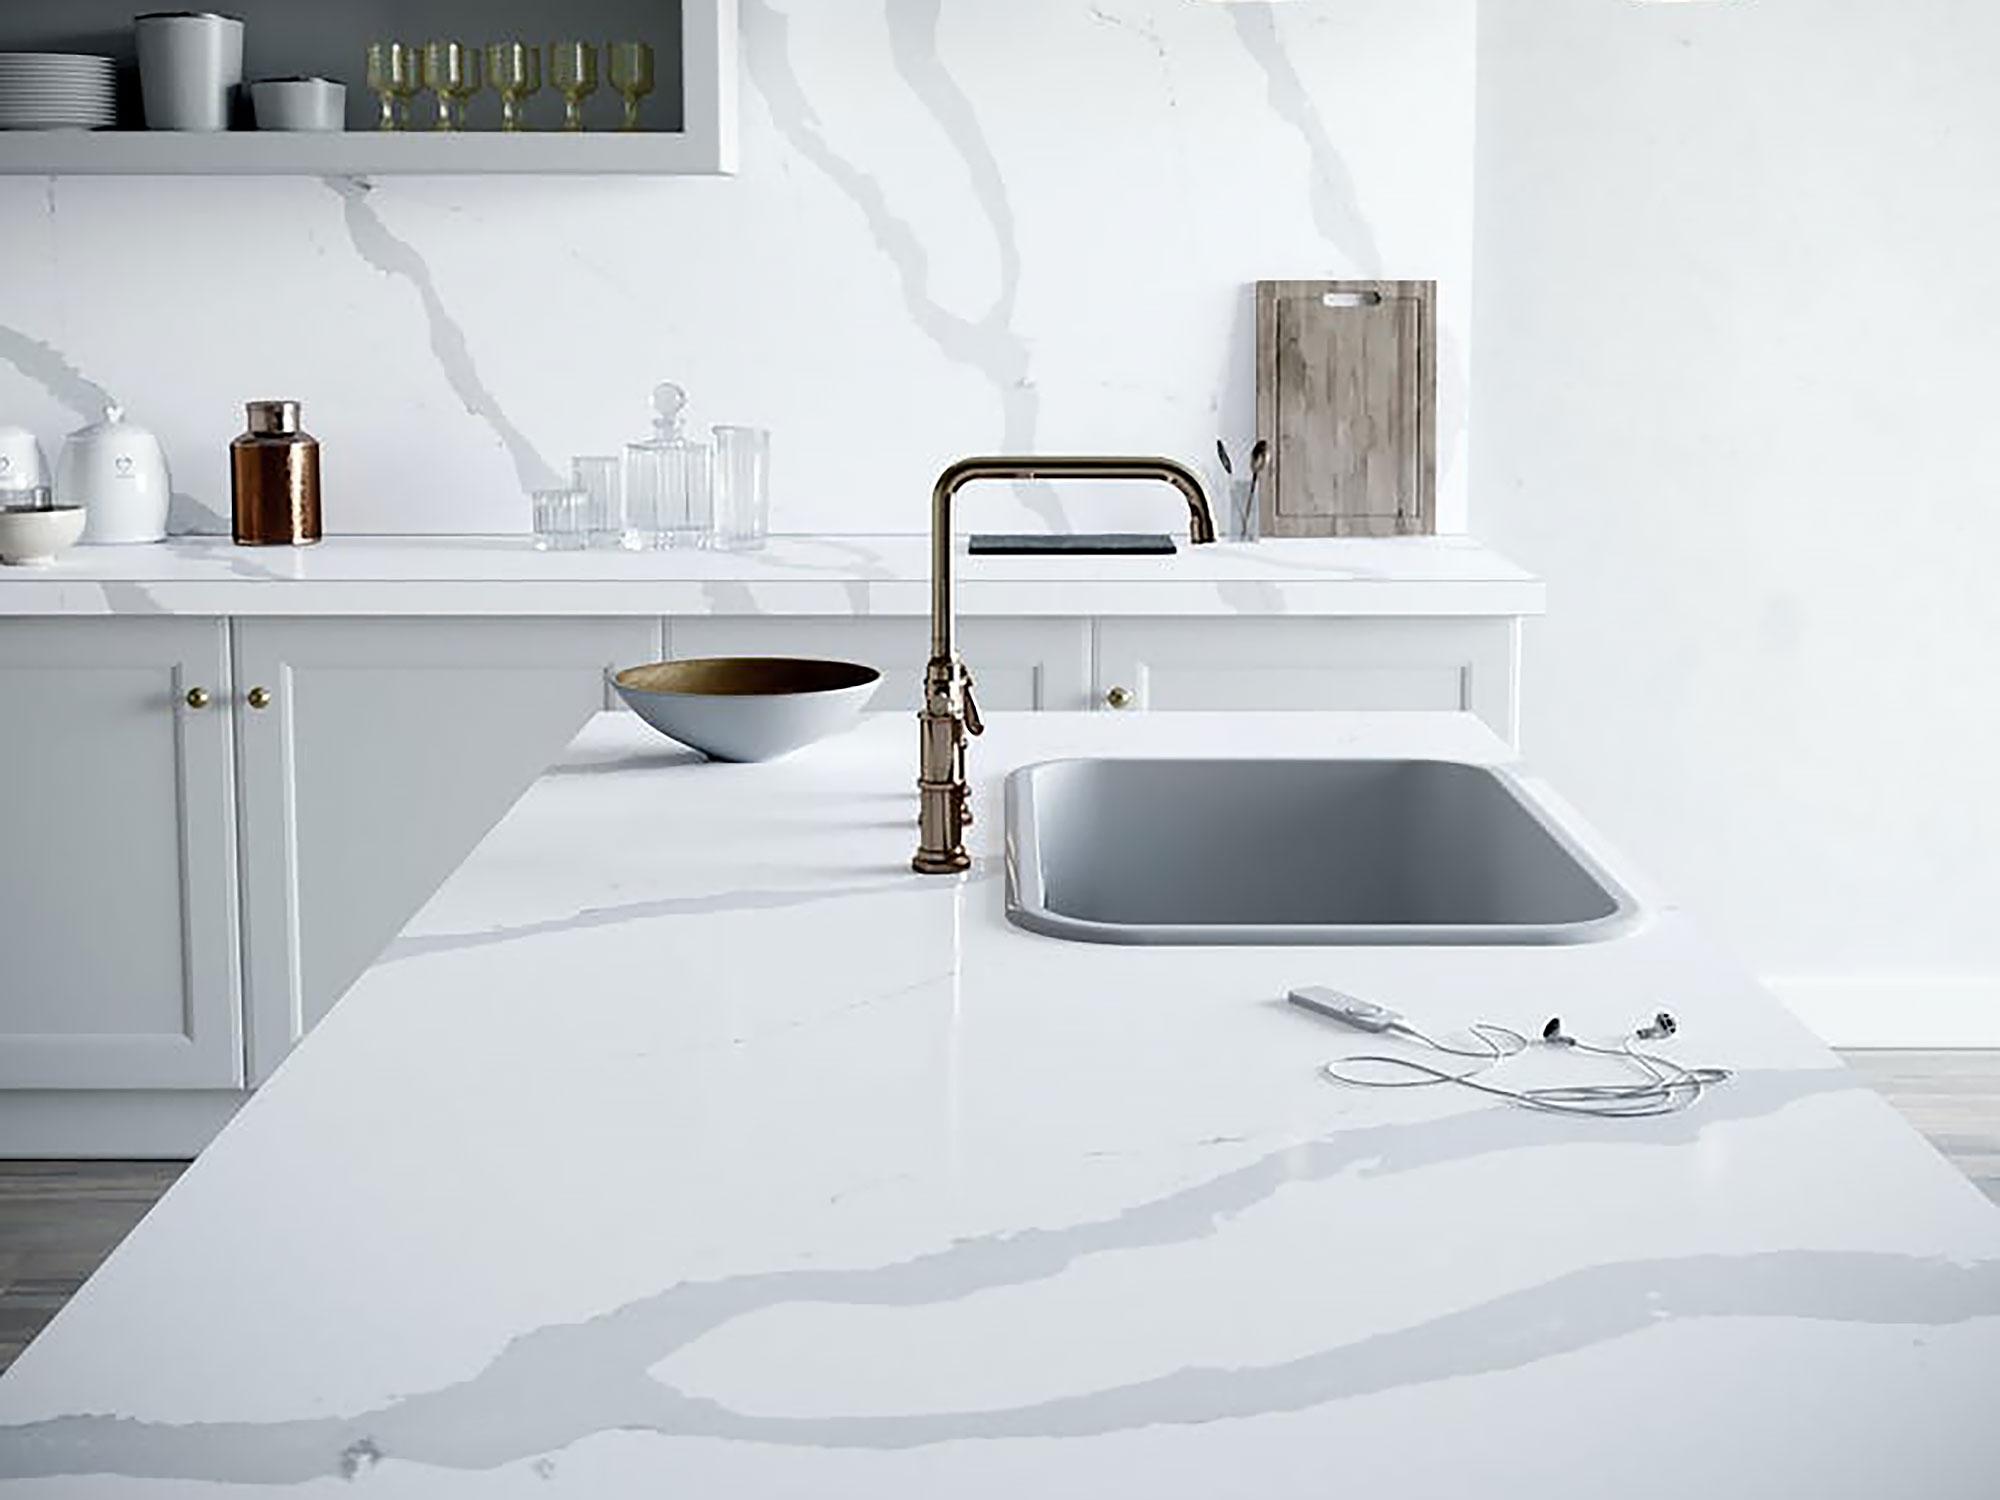 Silestone kitchen worktop bianco calacatta